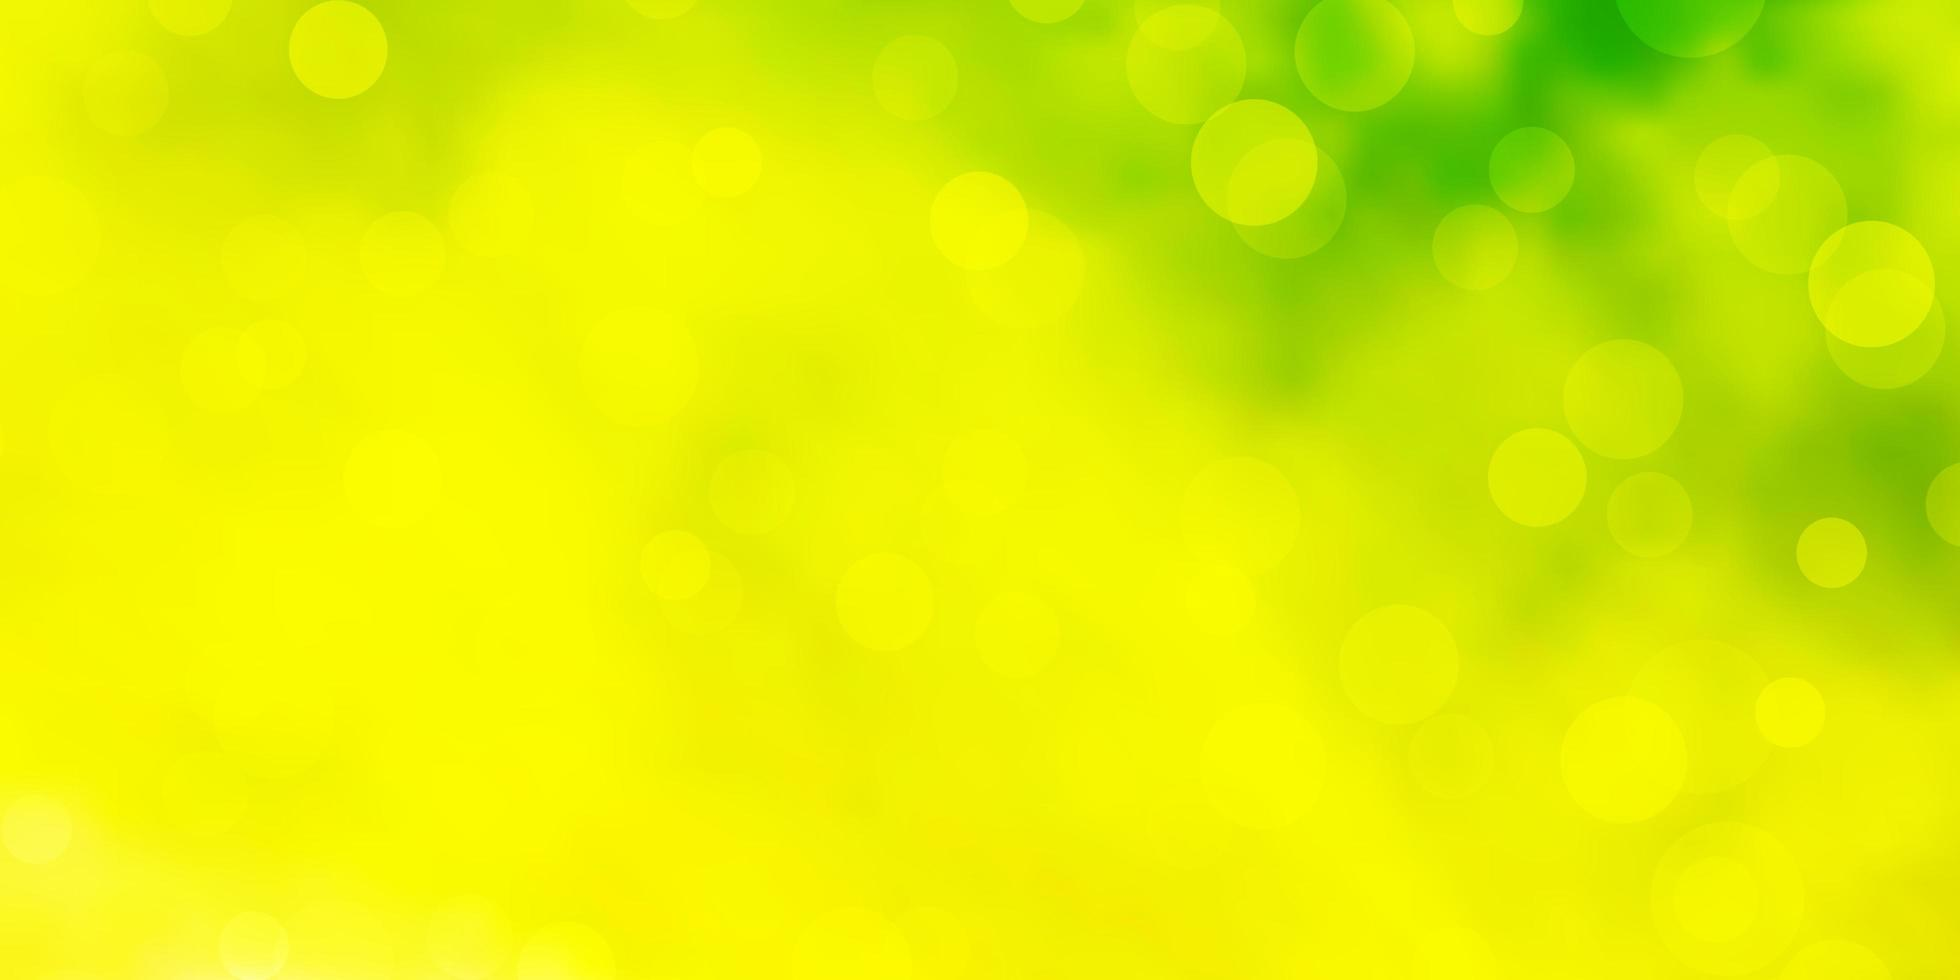 patrón de vector verde claro, amarillo con esferas.